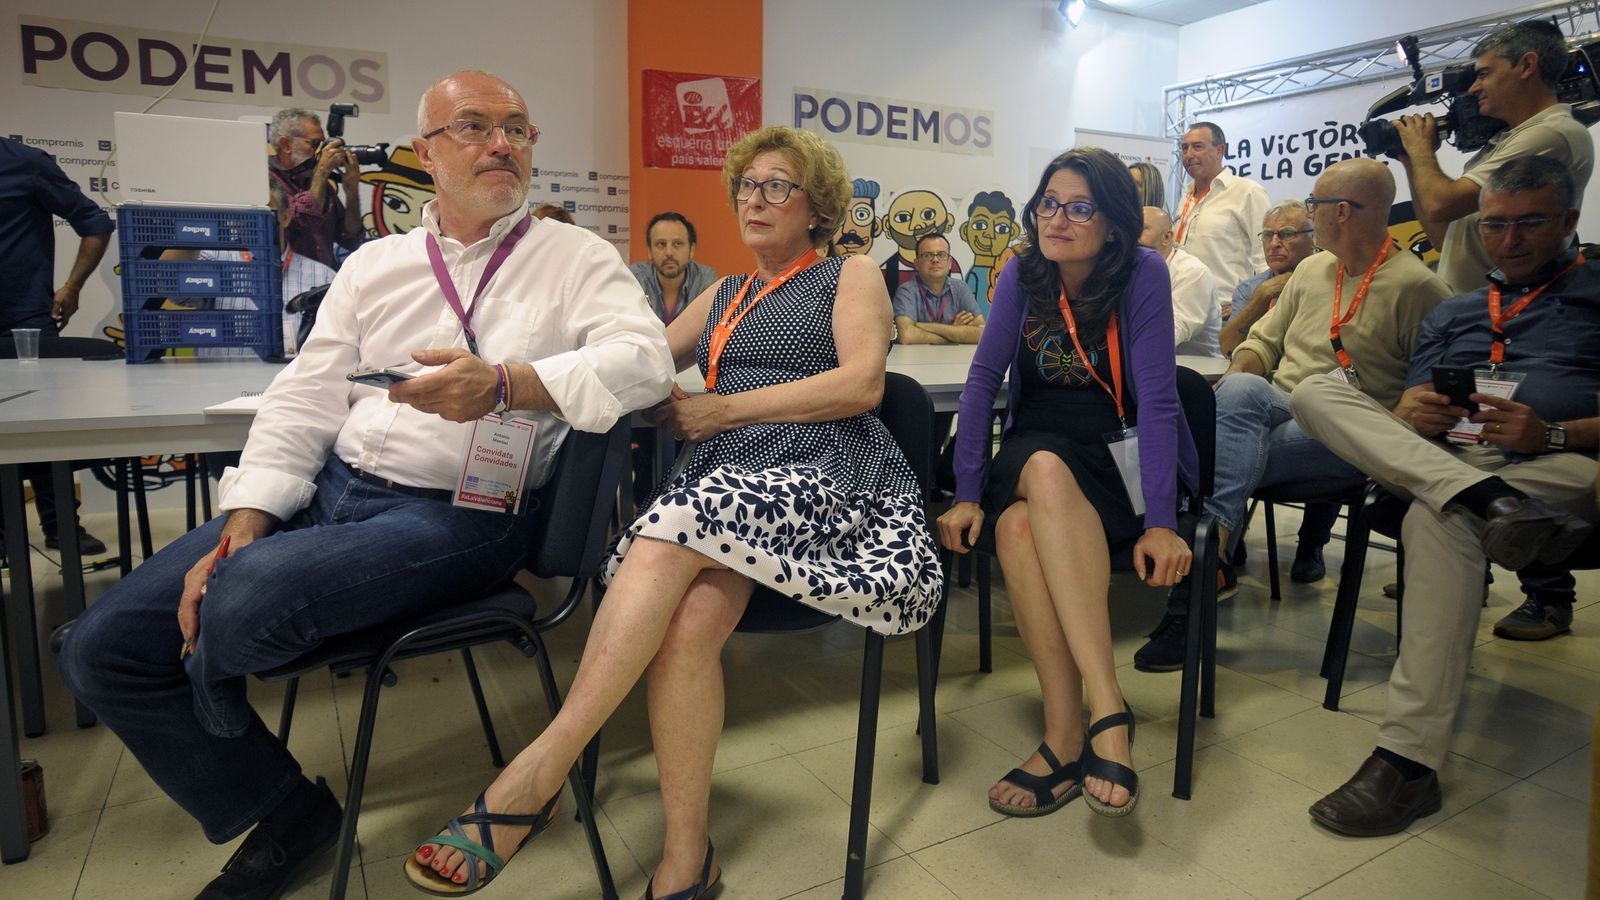 Mónica Oltra i altres dirigents de la coalició 'A la valenciana', seguint l'escrutini dels resultats electorals.